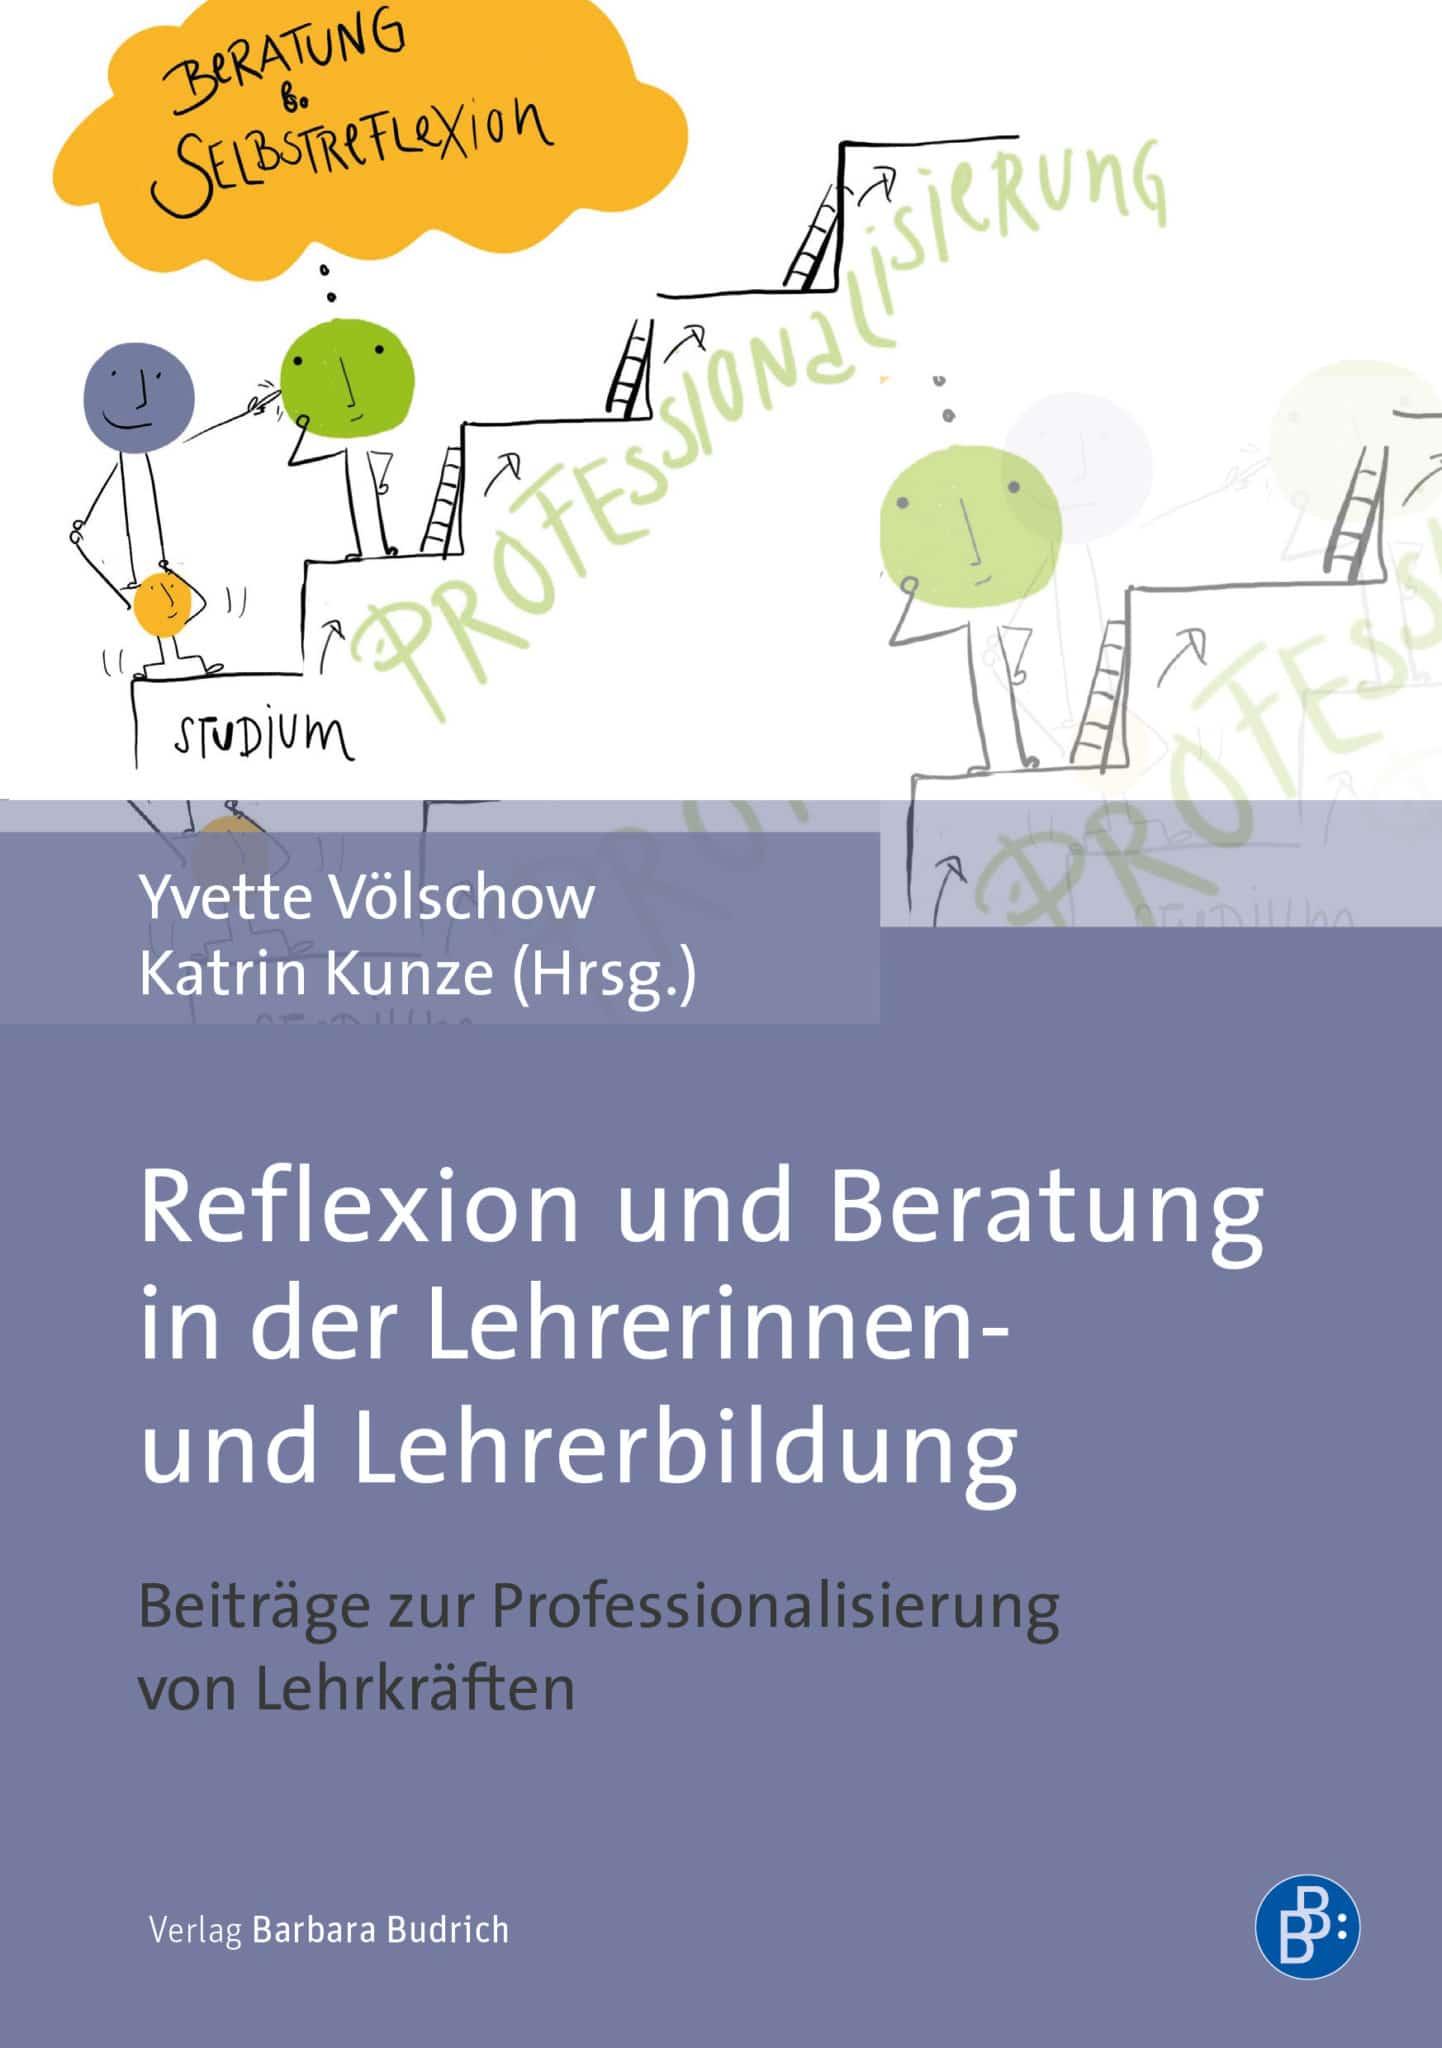 Völschow/Kunze (Hrsg.): Reflexion und Beratung in der Lehrerinnen- und Lehrerbildung. Beiträge zur Professionalisierung von Lehrkräften. Verlag Barbara Budrich. ED: 14.12.2020